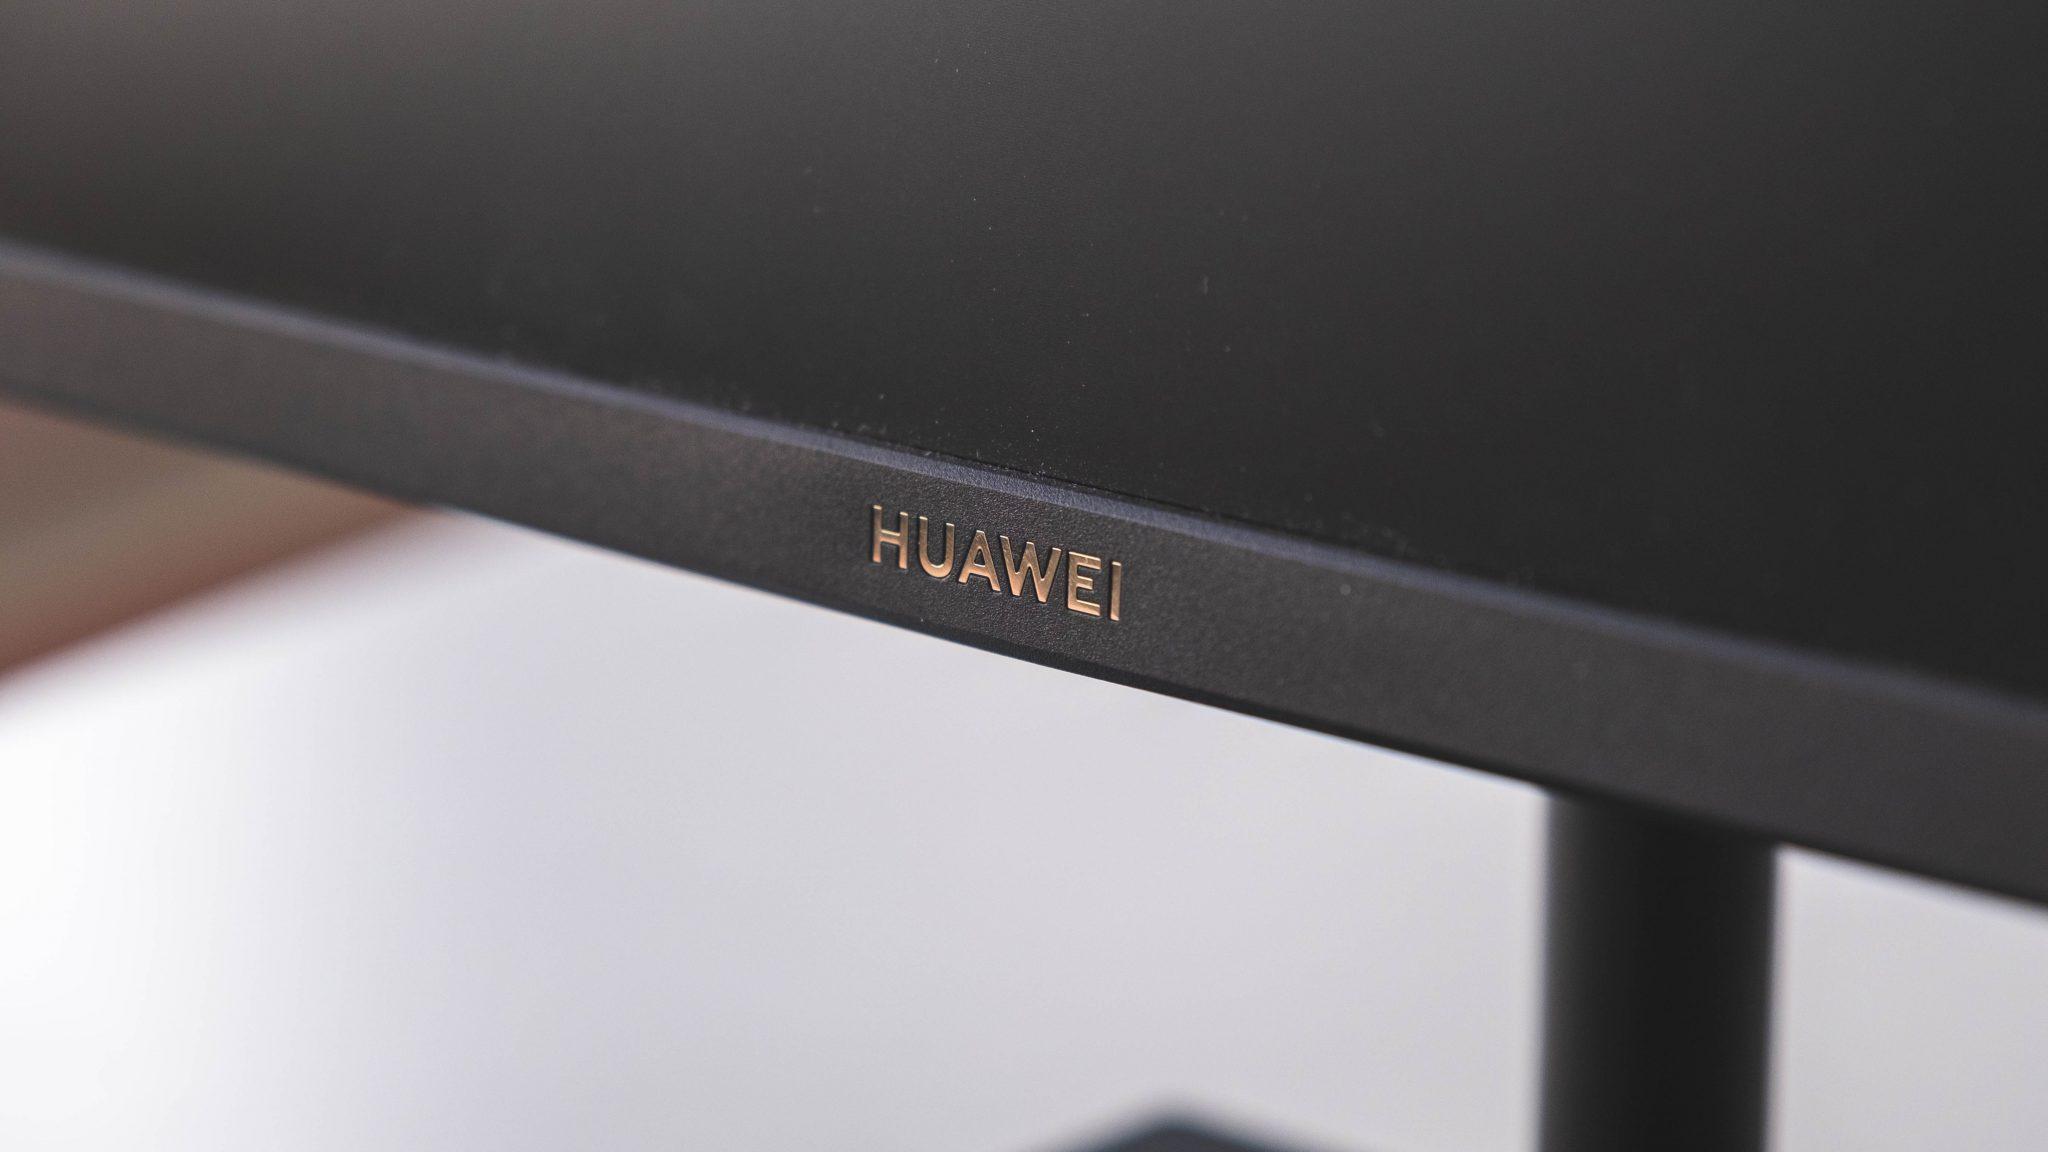 Huawei Display 23,8 – Guter Einstieg mit Luft nach oben